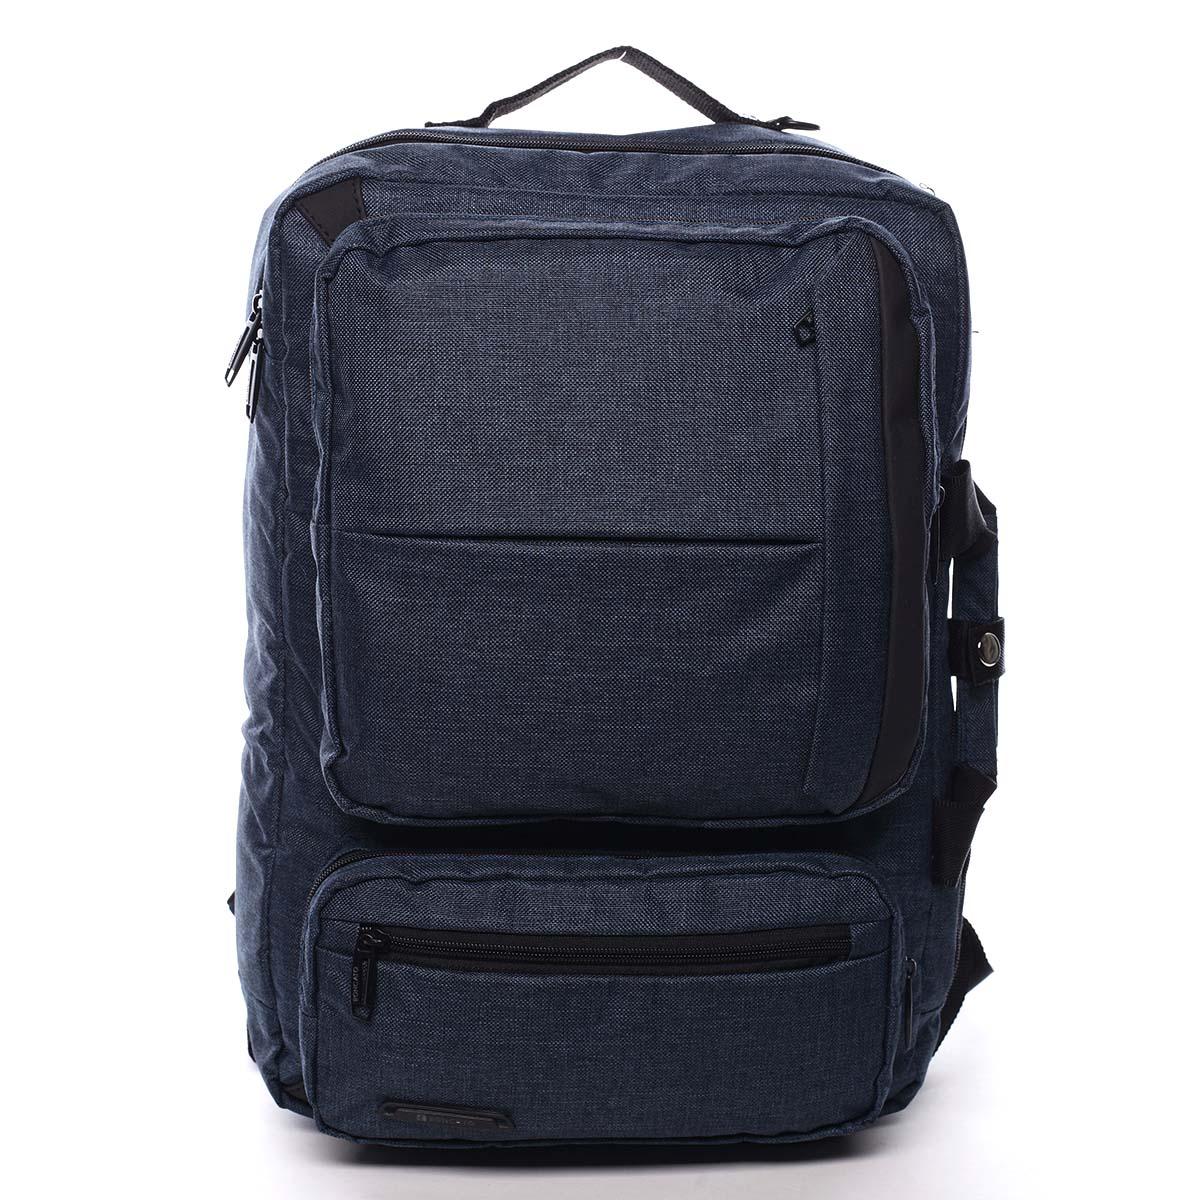 Pracovní taška 2v1 tmavě modrá - Roncato Dinho